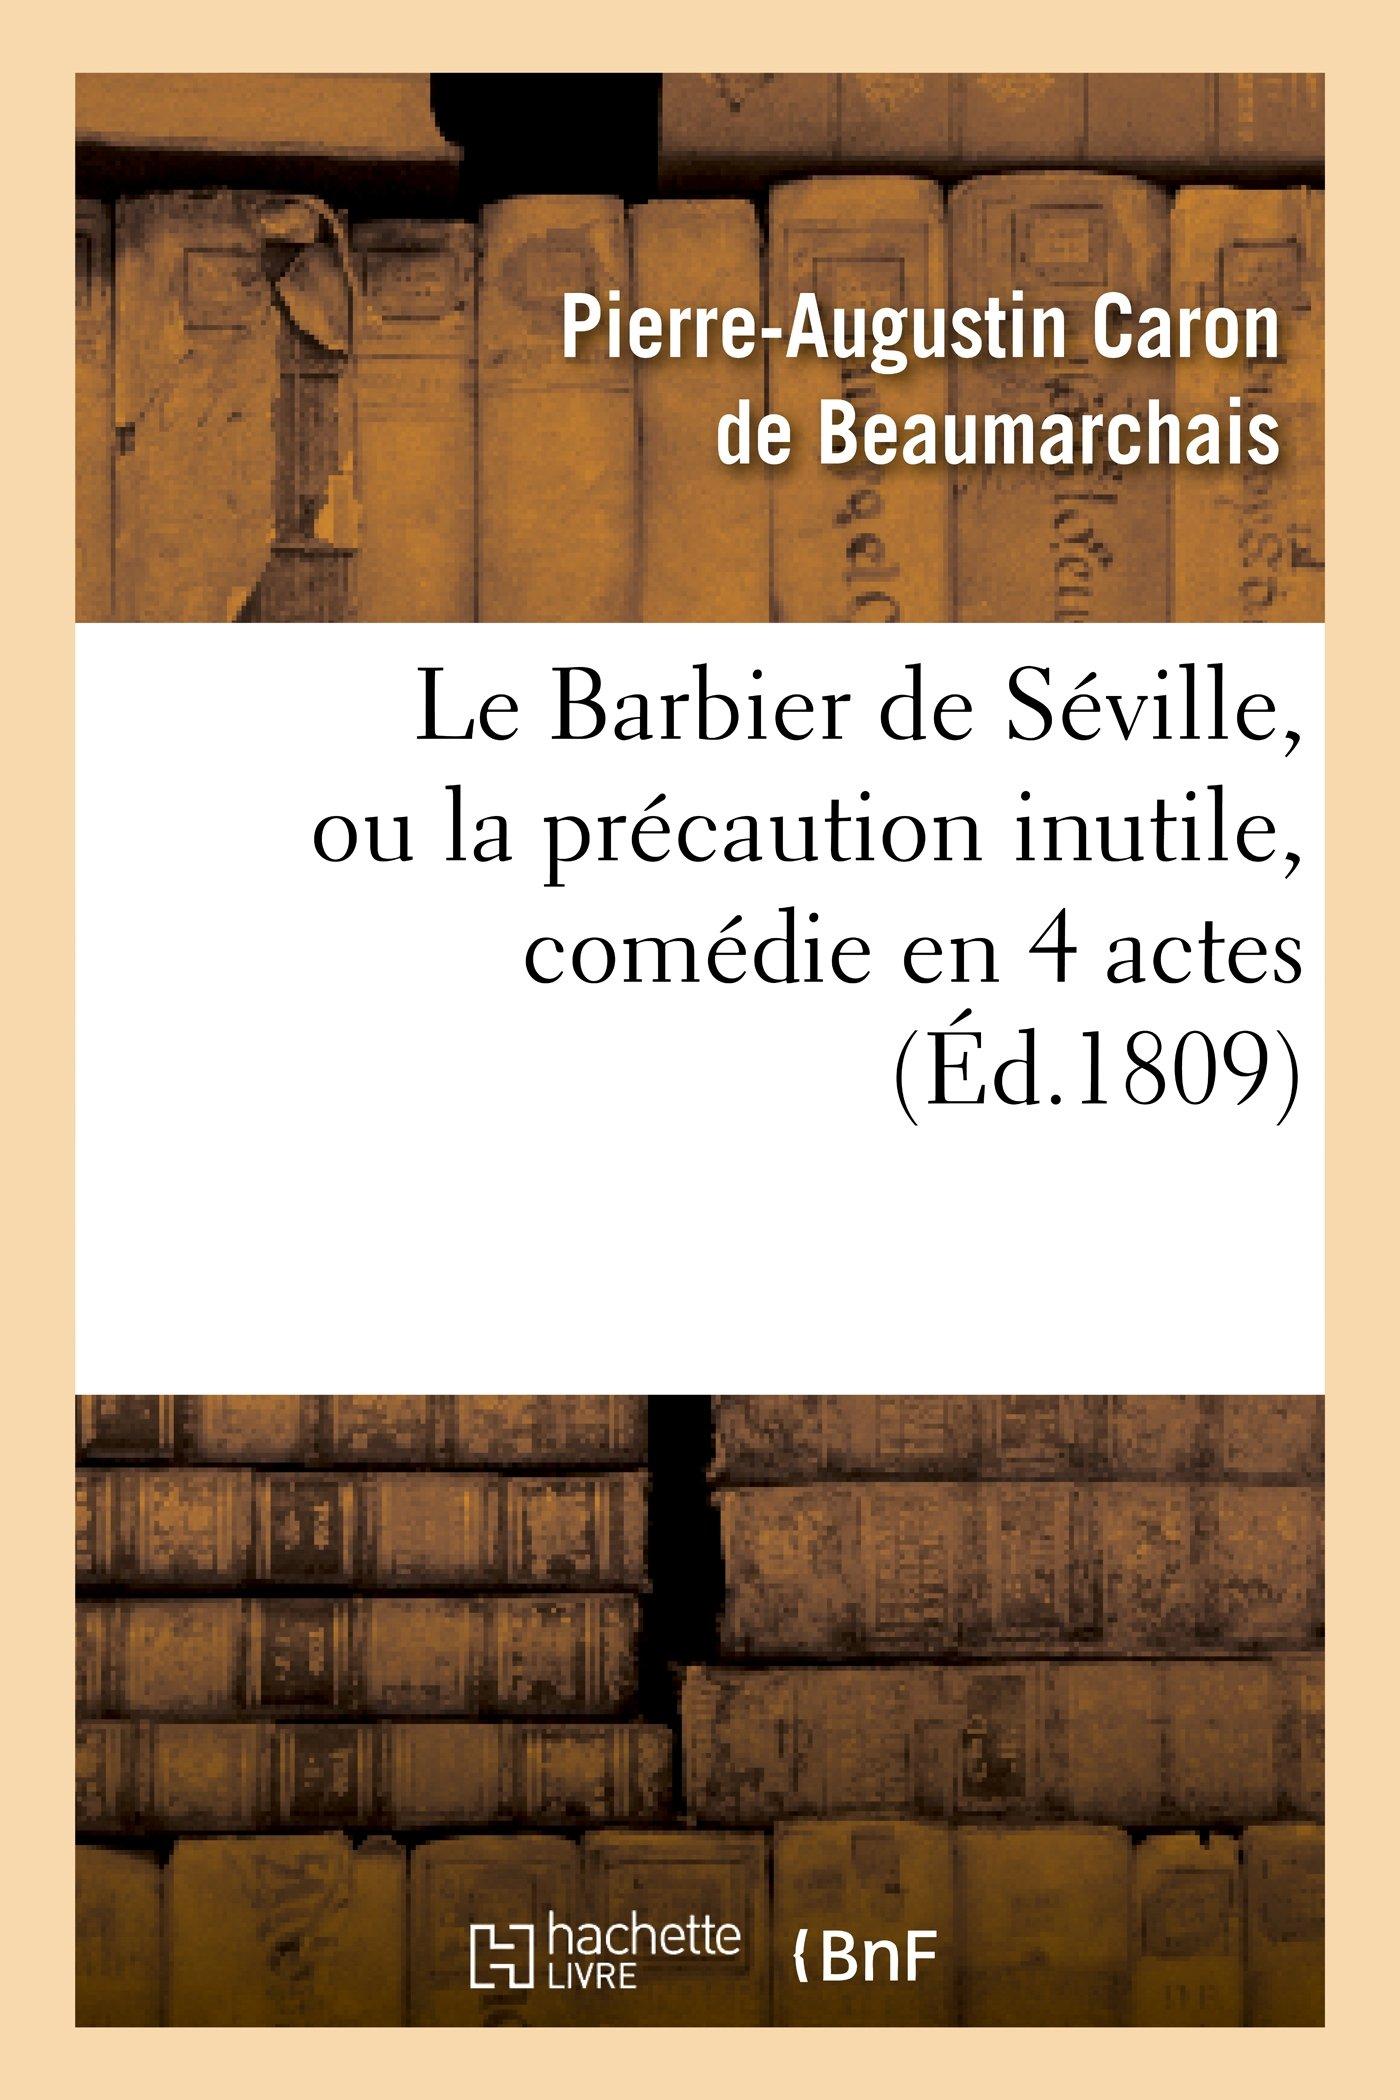 Le Barbier de Seville, Ou La Precaution Inutile, Sur Le Theatre de La Comedie Francaise (Ed 1809) (Arts) (French Edition) ebook